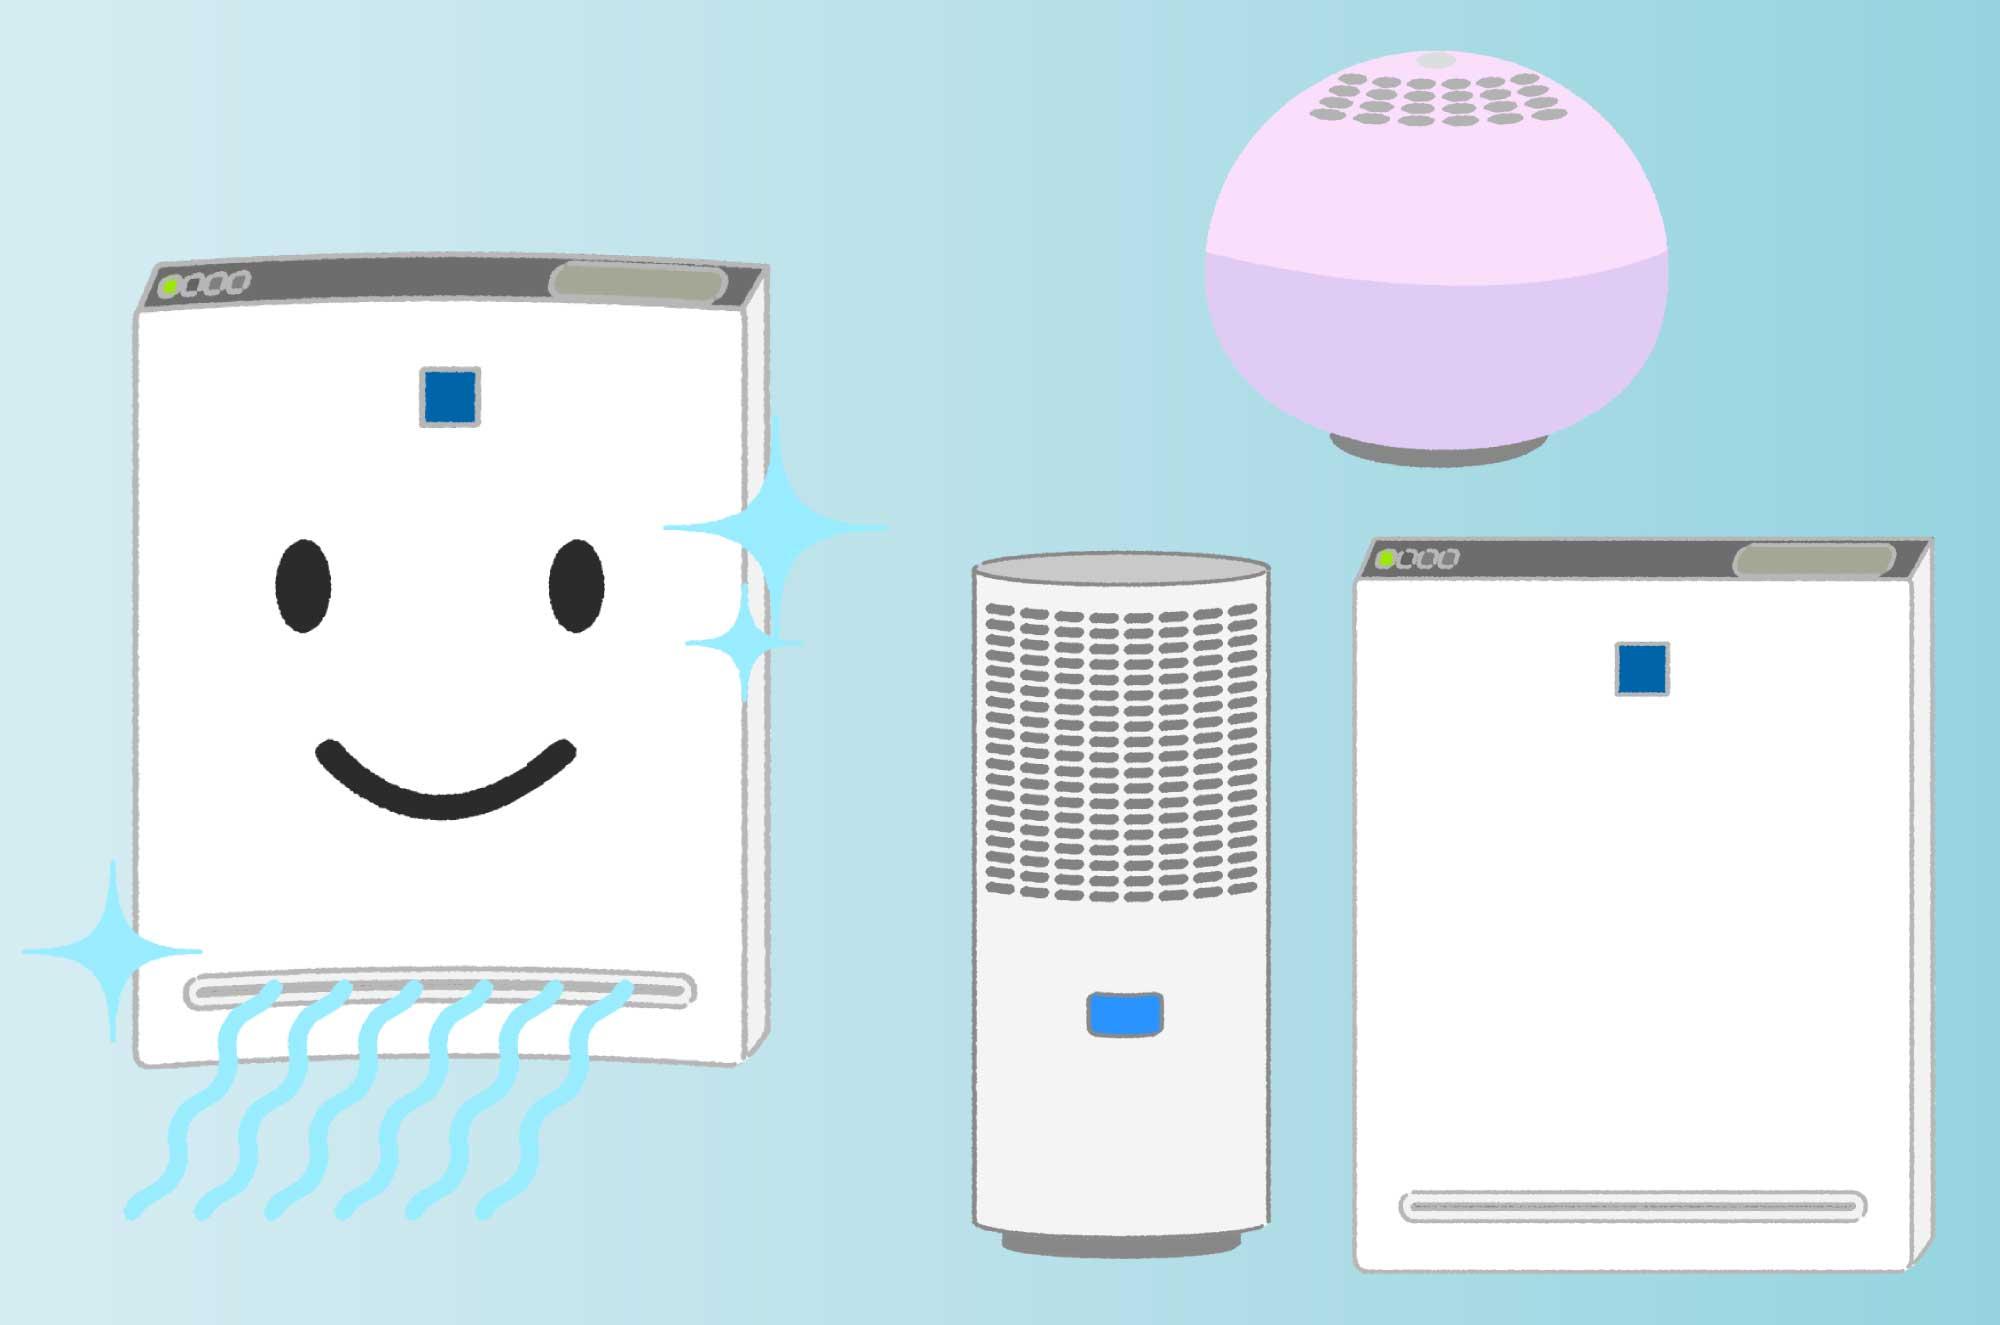 空気清浄機イラスト - お部屋を爽やかにする家電素材